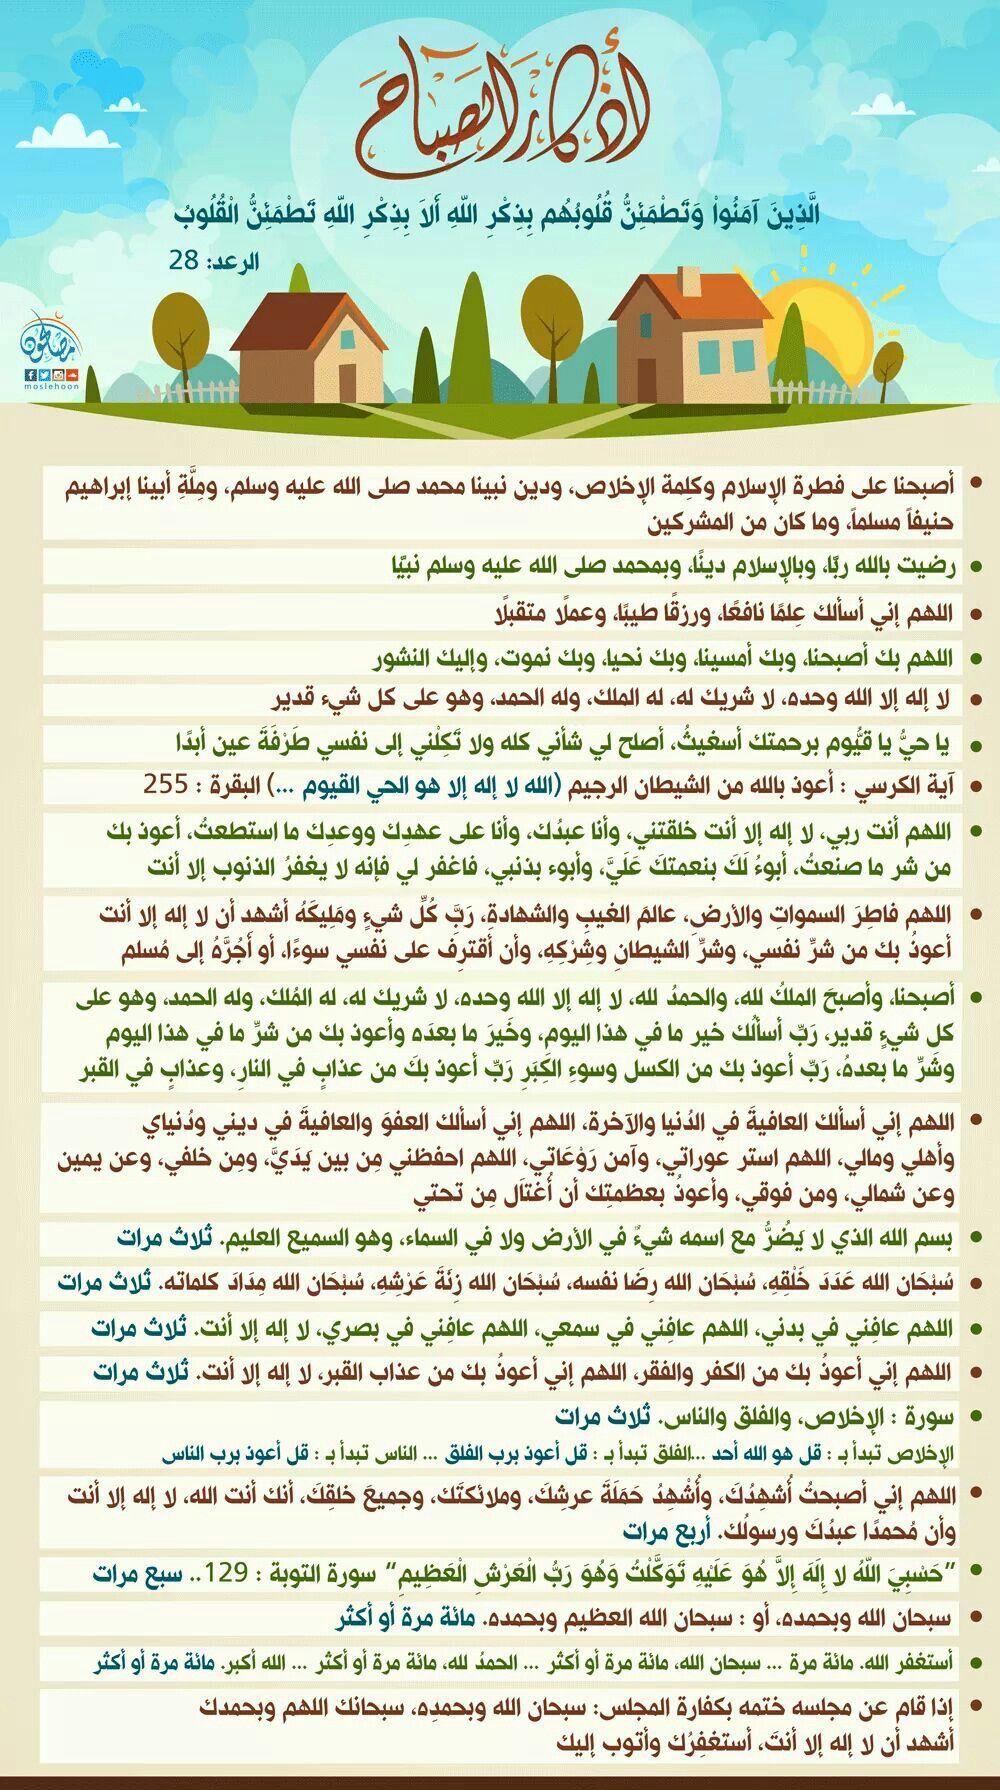 اذكار الصباح Islam Facts Quran Quotes Islamic Information